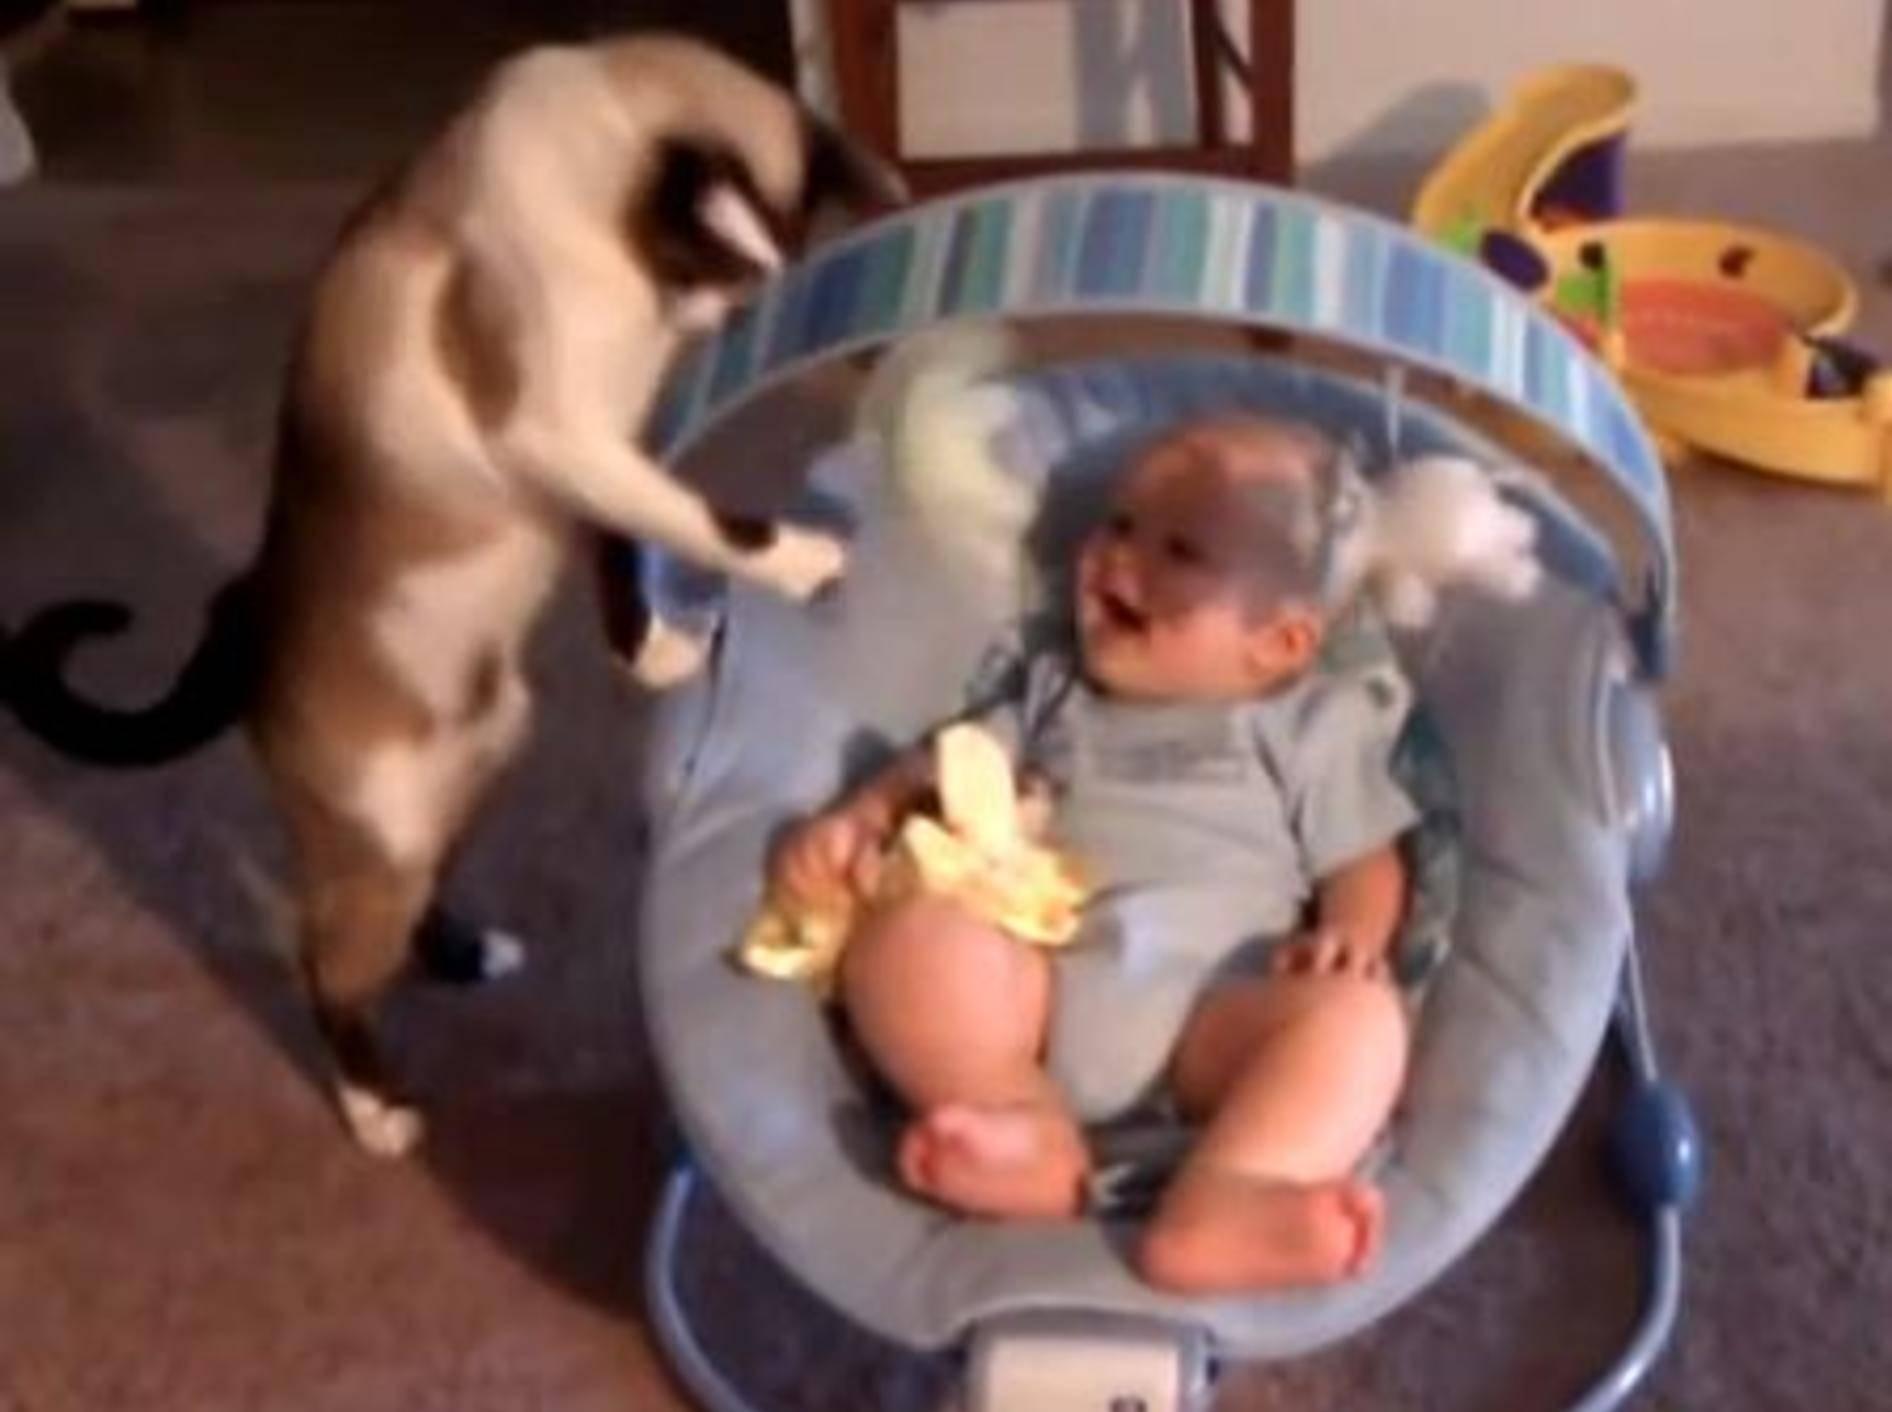 Süße Babysitter-Katze bringt Baby zum Lachen — Bild. Youtube / bowl300X02·